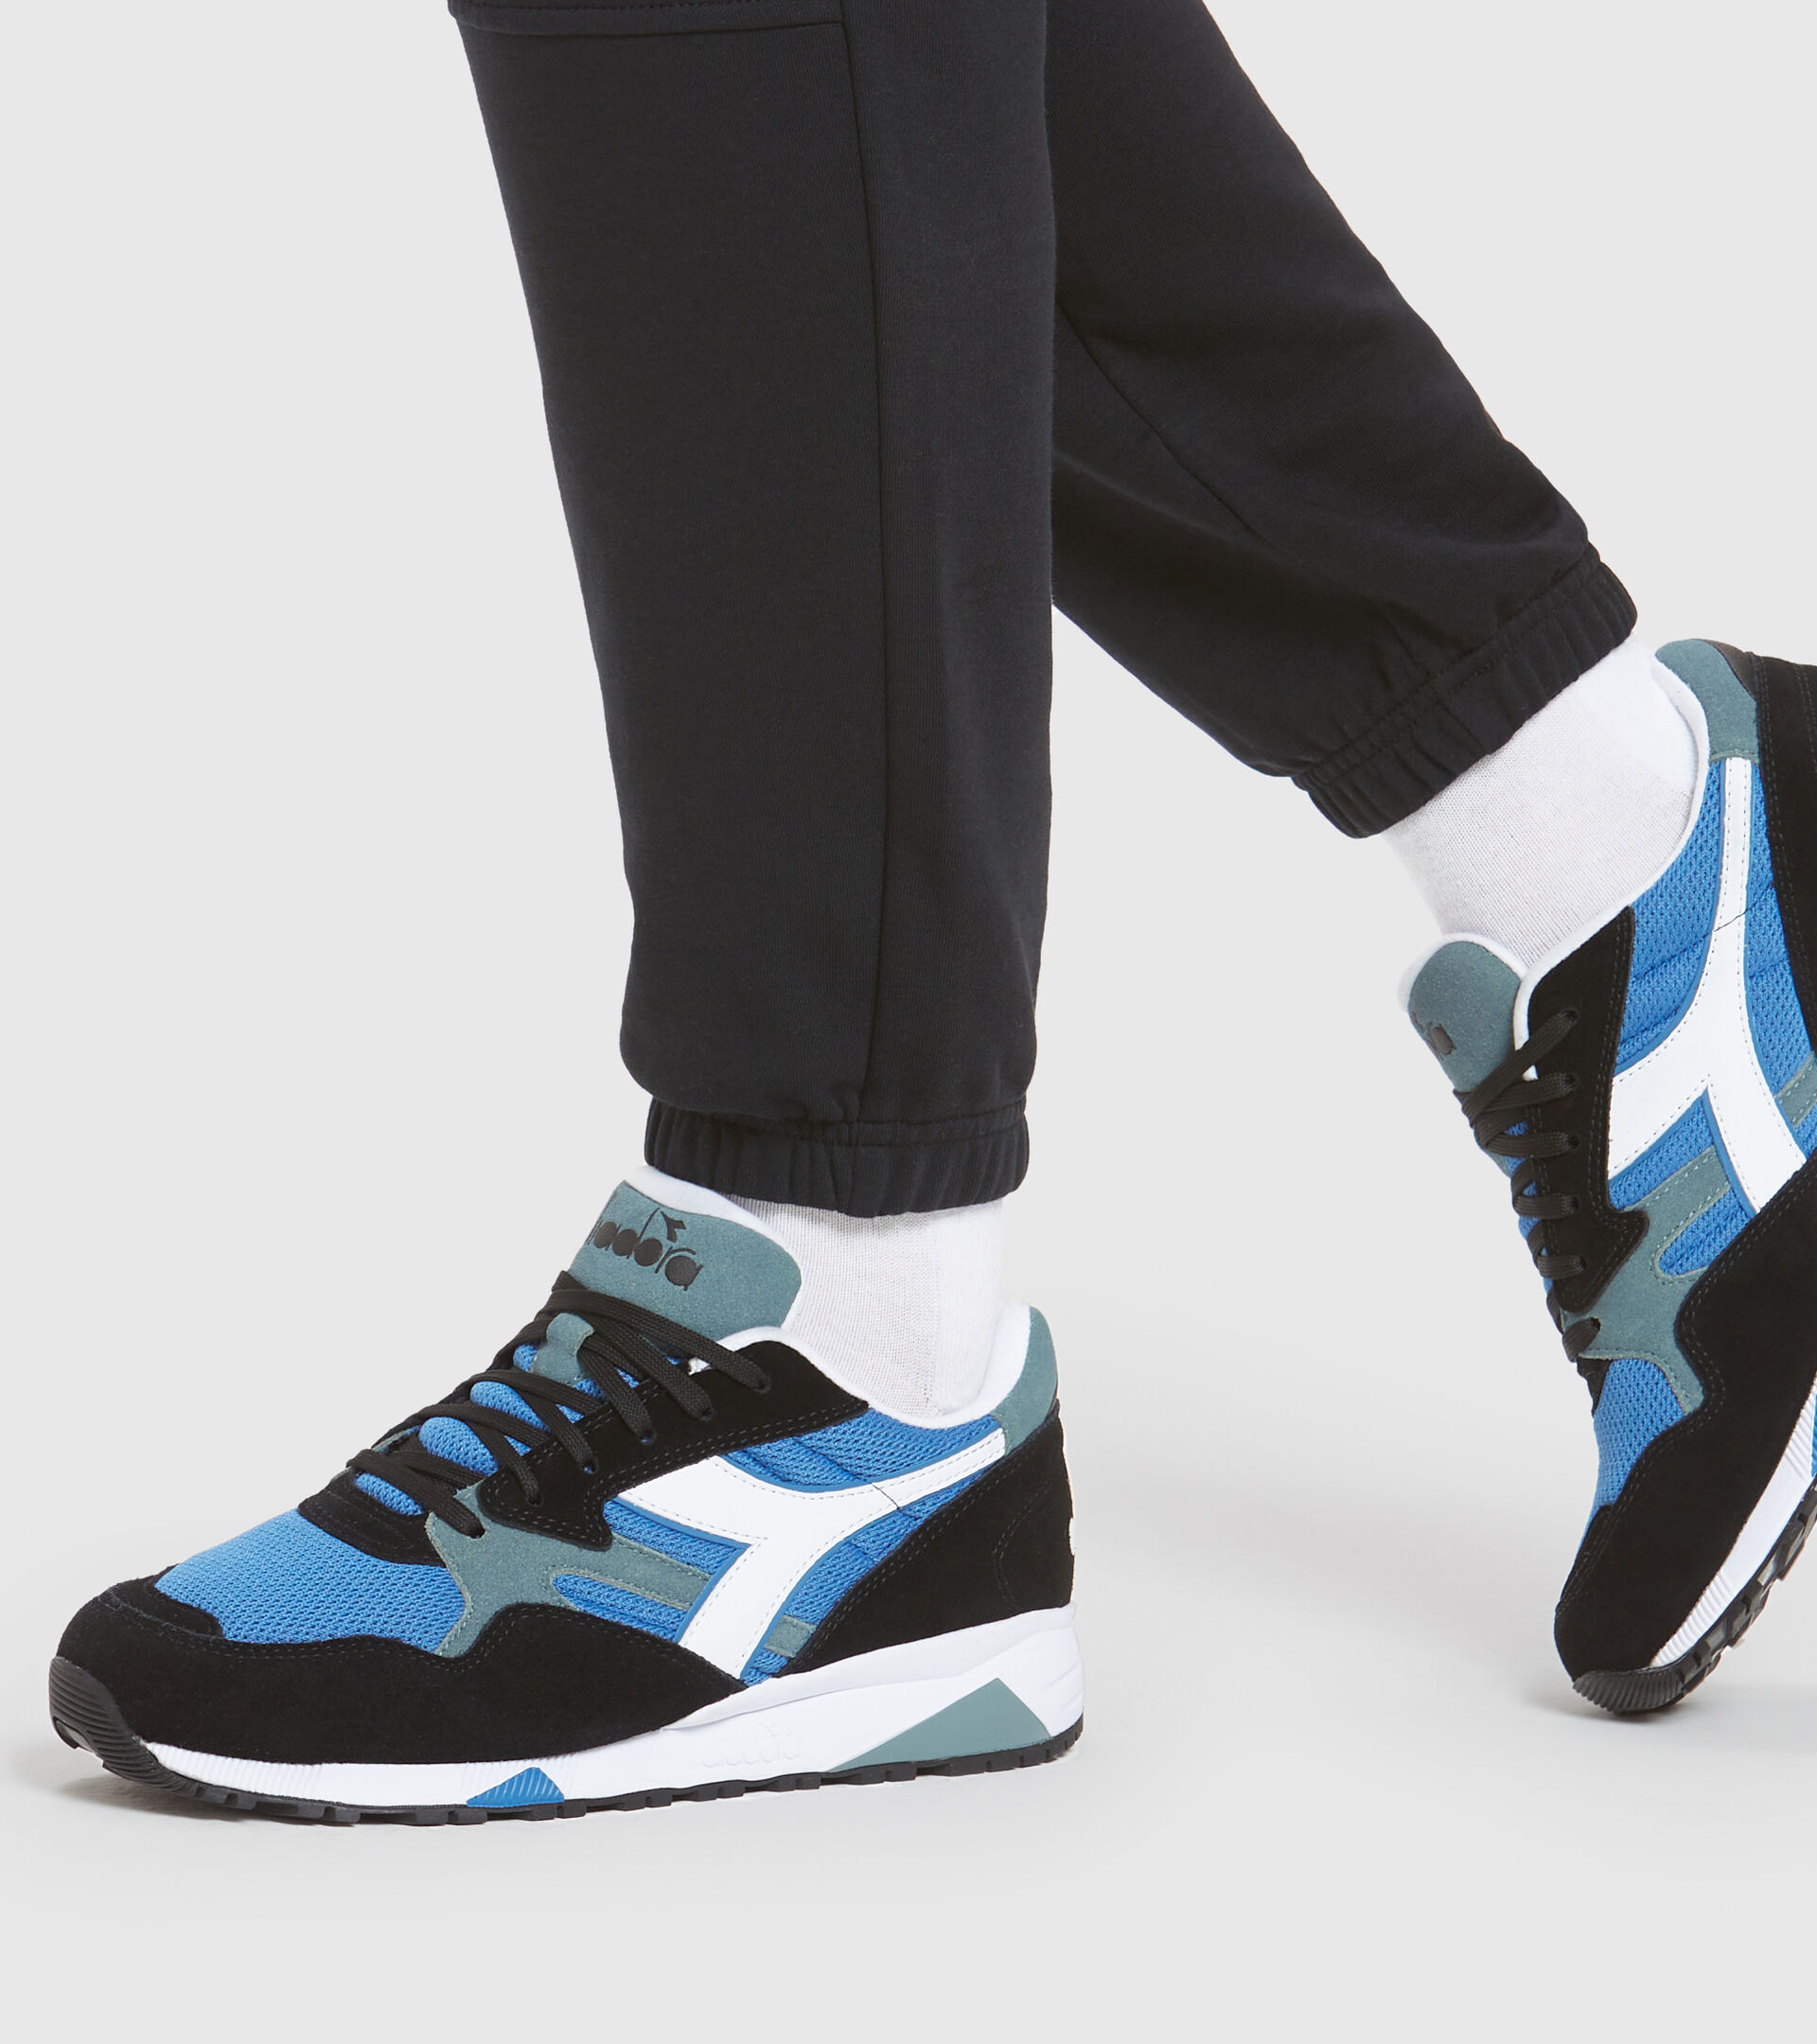 Sneaker - Unisex N902 S VALLARTA BLAU/SCHWARZ - Diadora